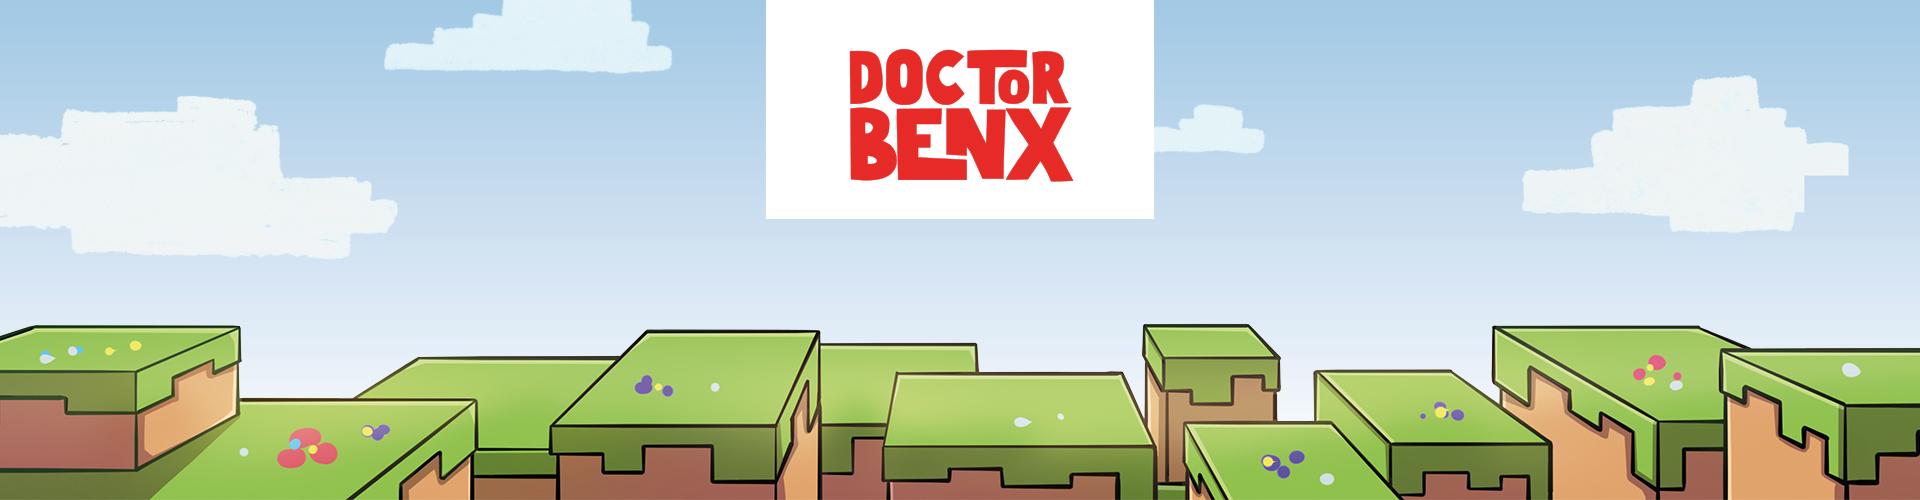 Doctor Benx Headergrafik